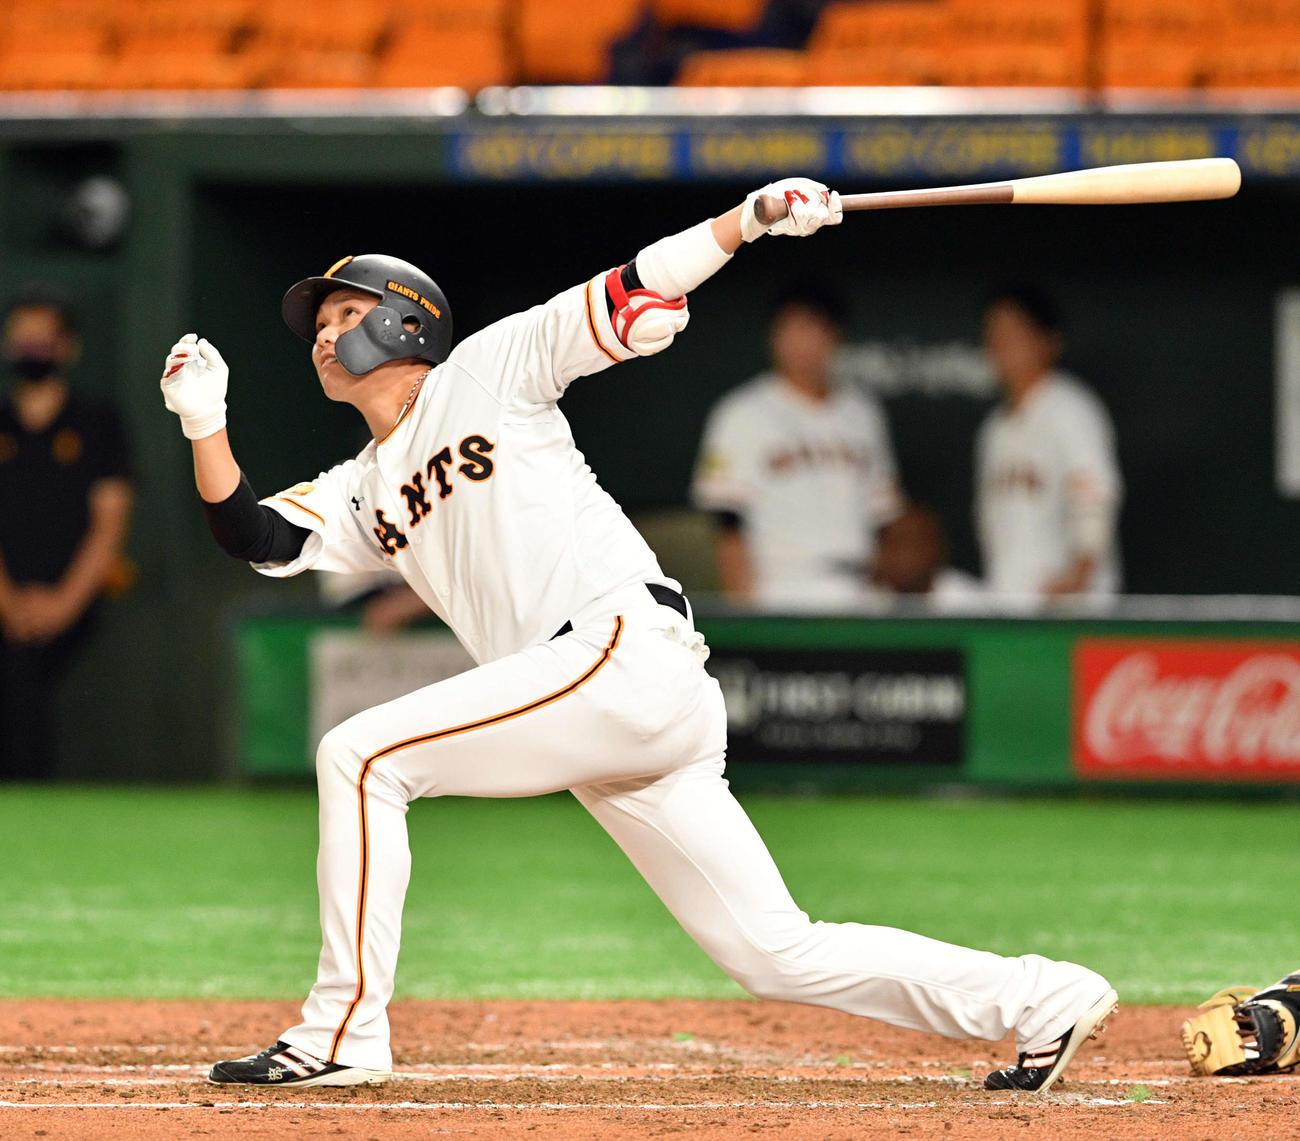 巨人対中日 6回裏巨人1死、坂本は先制の左越えソロ本塁打を放つ(撮影・滝沢徹郎)